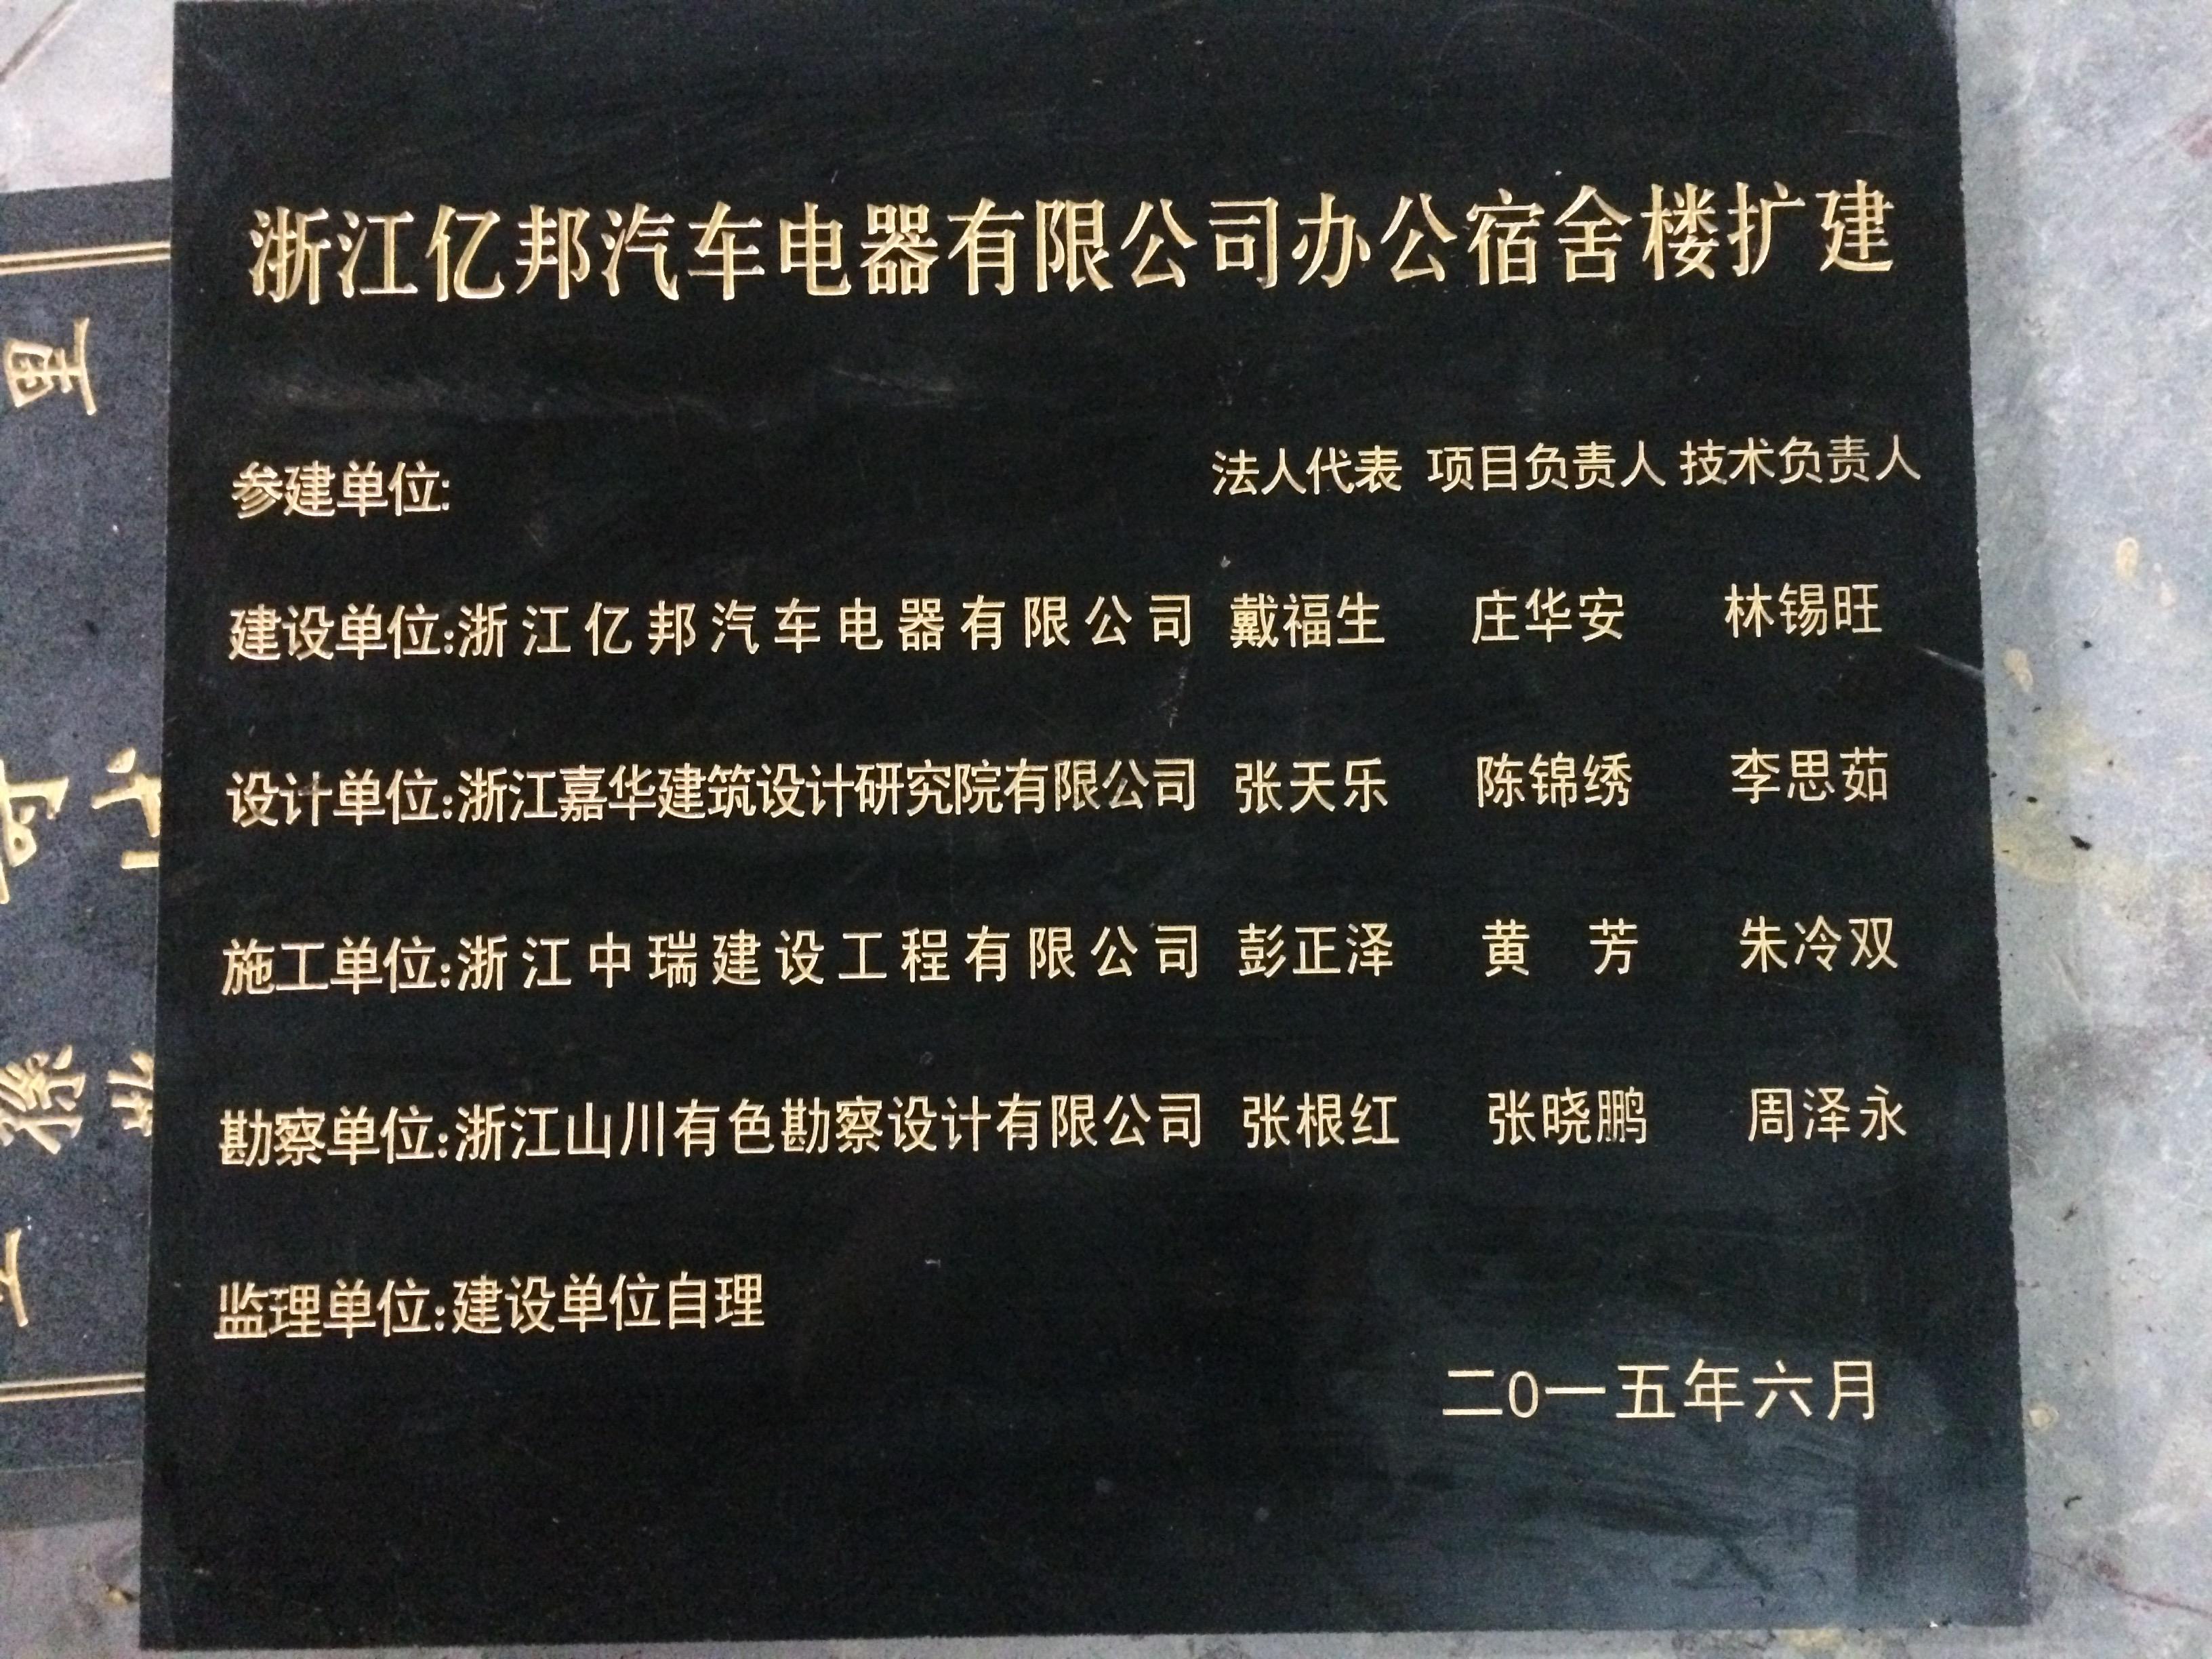 大理石刻字花岗岩竣工牌质监建筑工程牌标识牌验收雕电脑数控刻碑